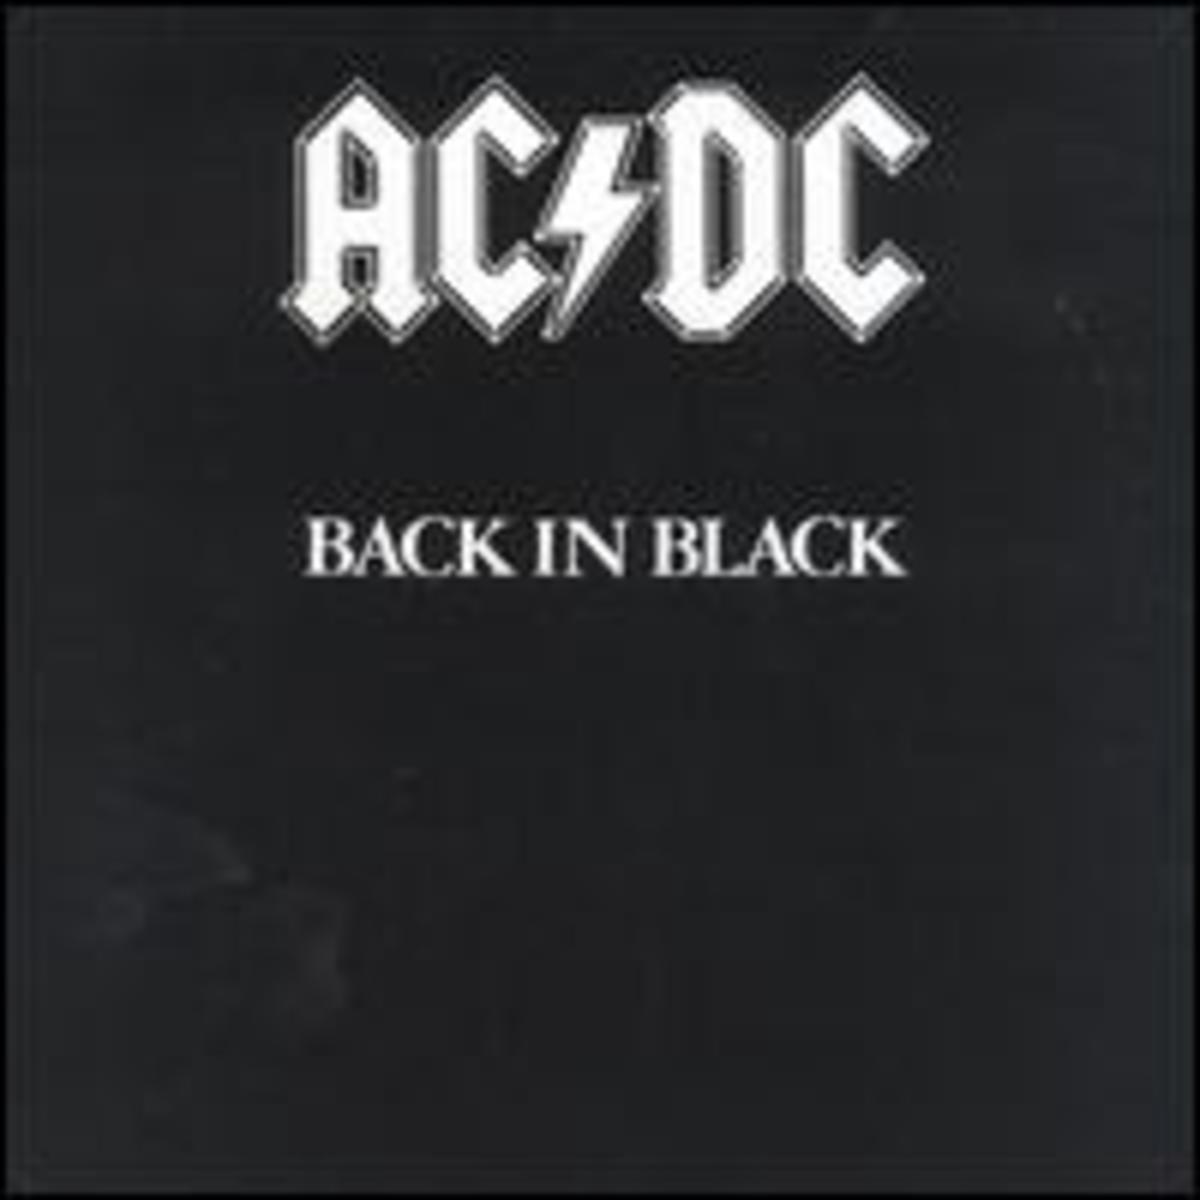 Back_in_BLack